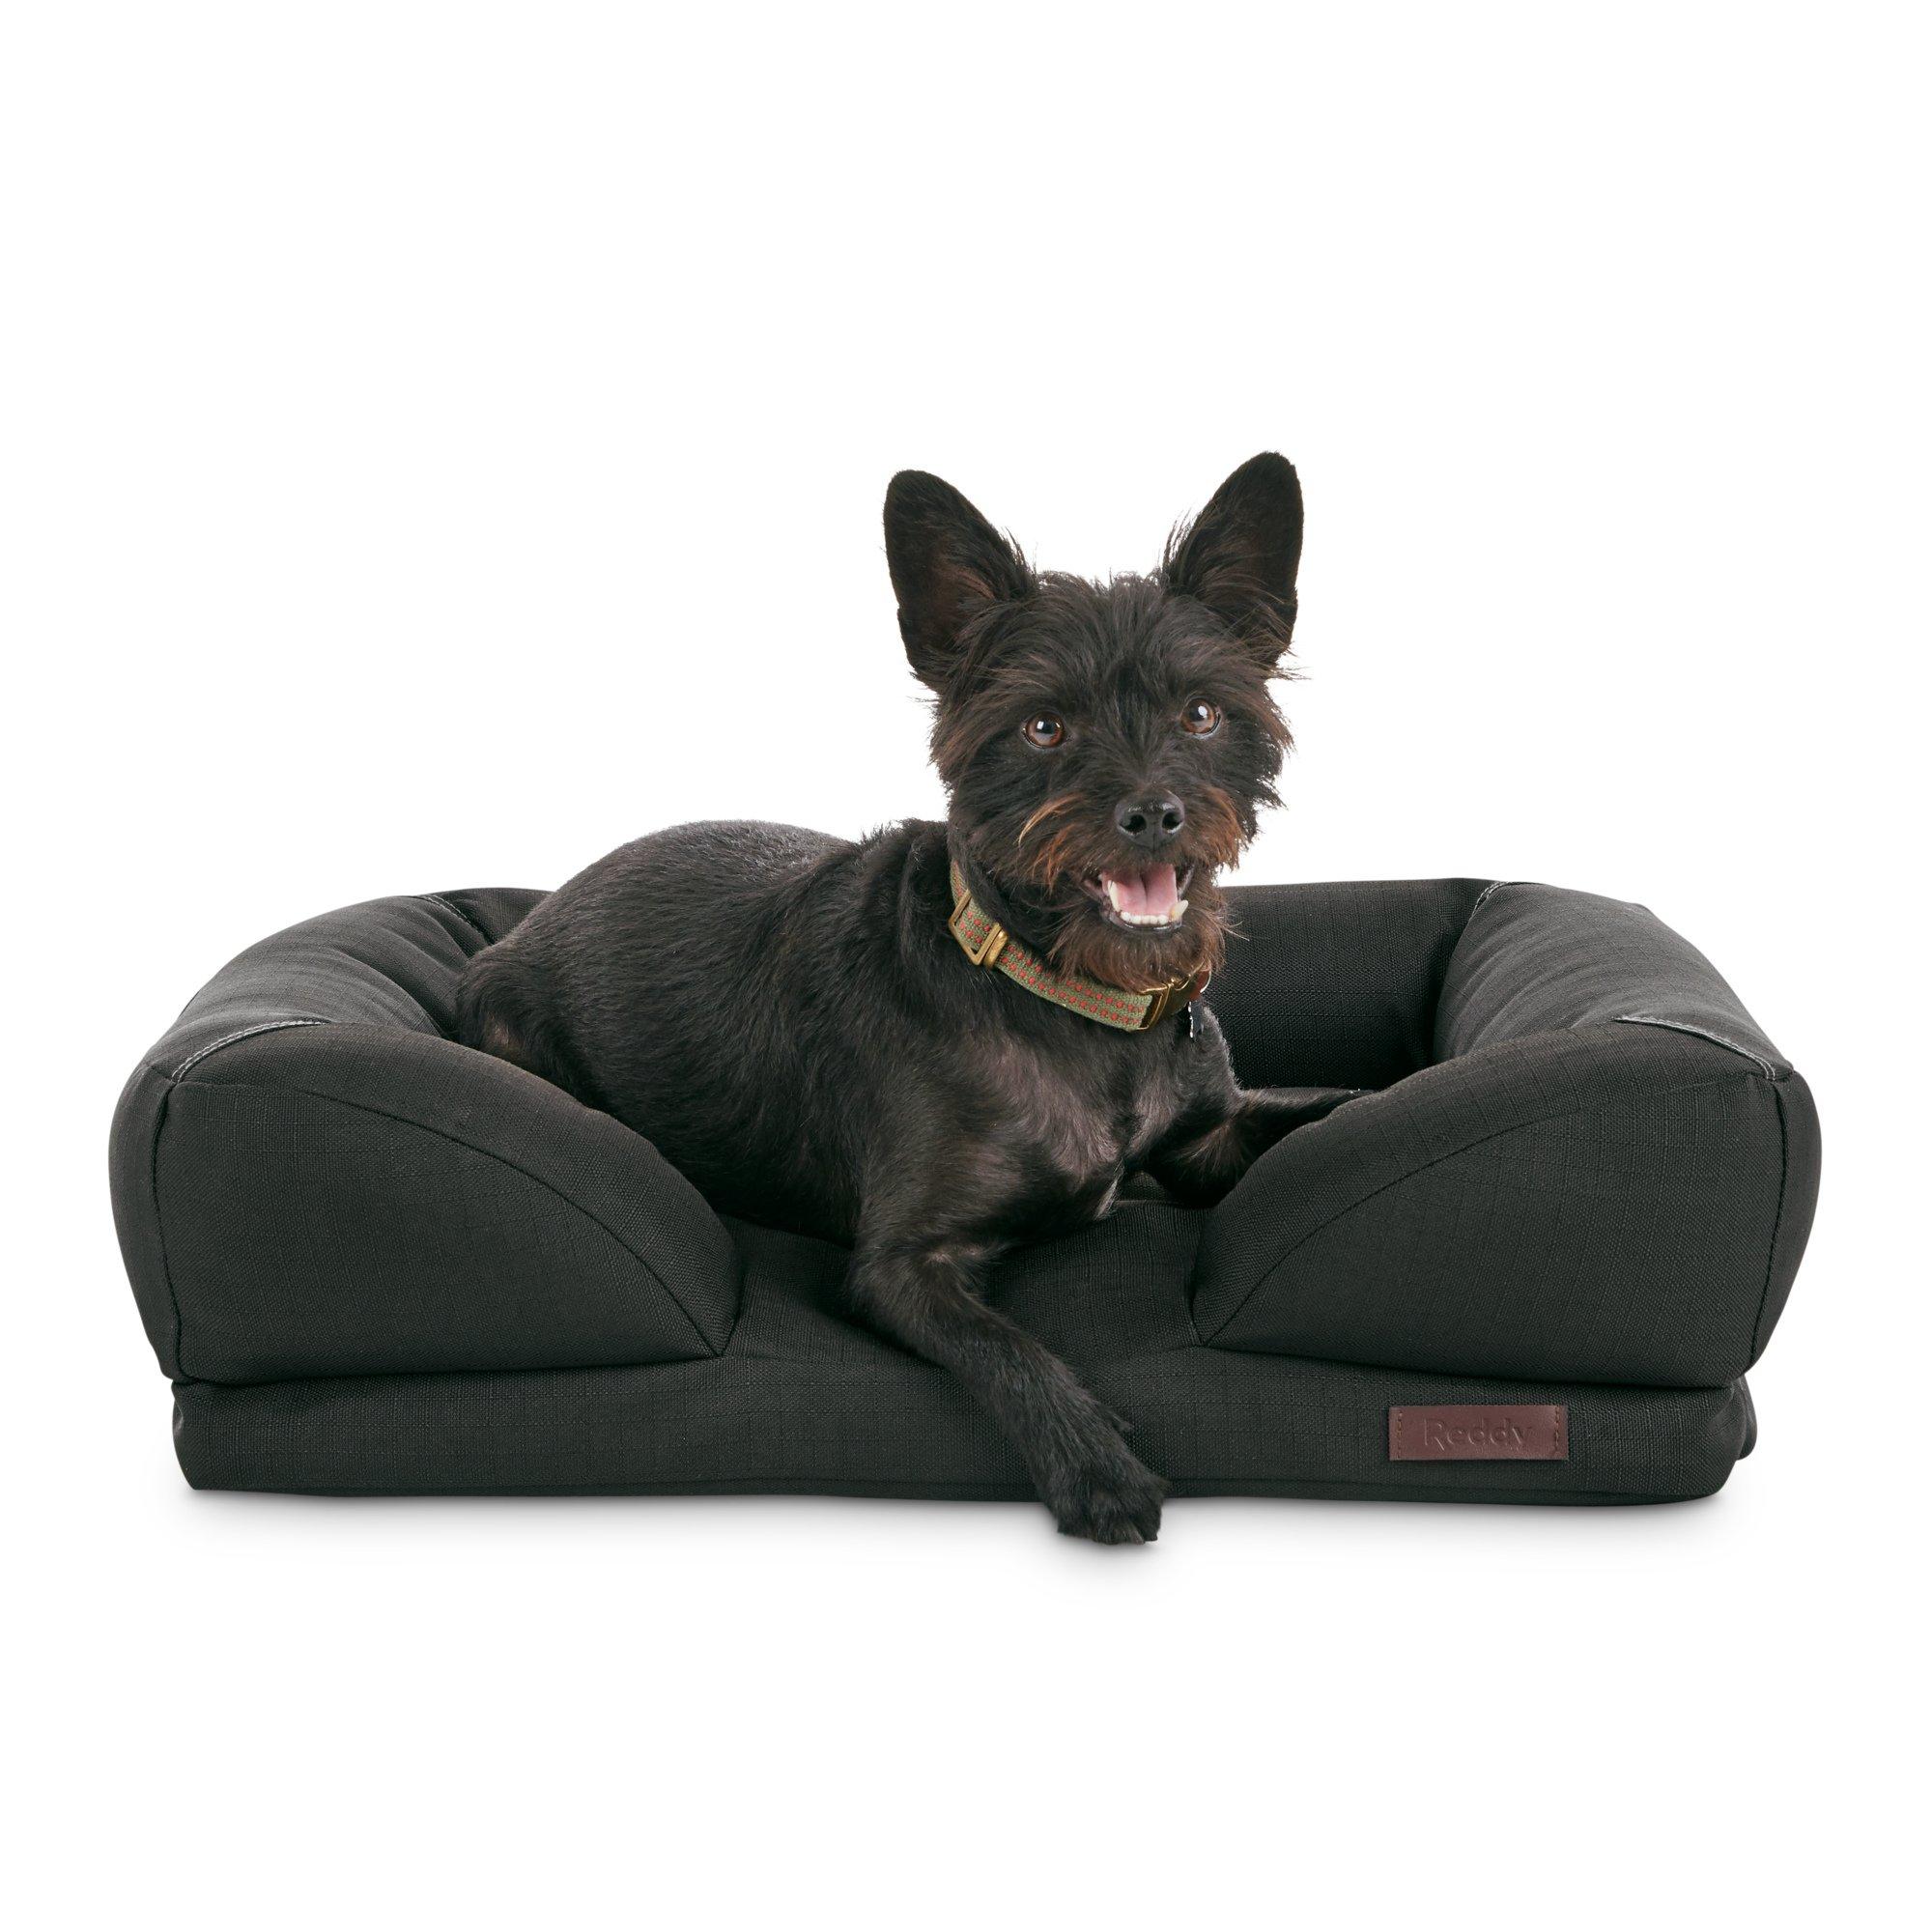 Indoor Outdoor Dog Bed Petco